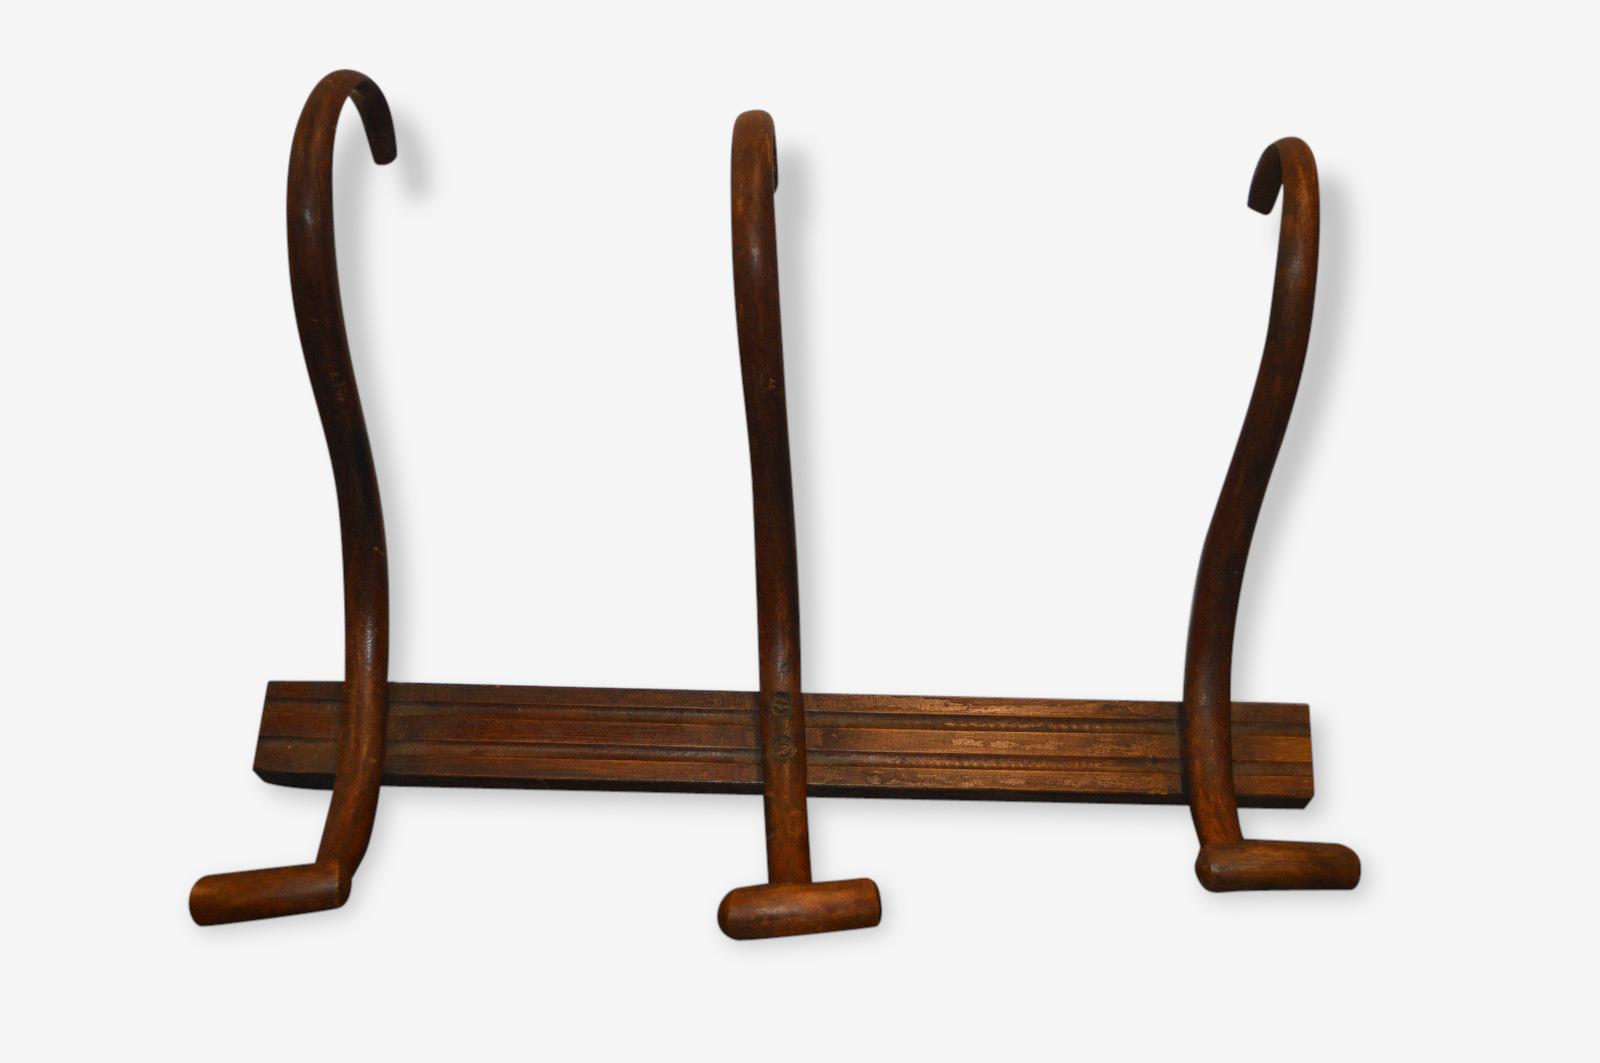 Porte manteaux en bois courbé